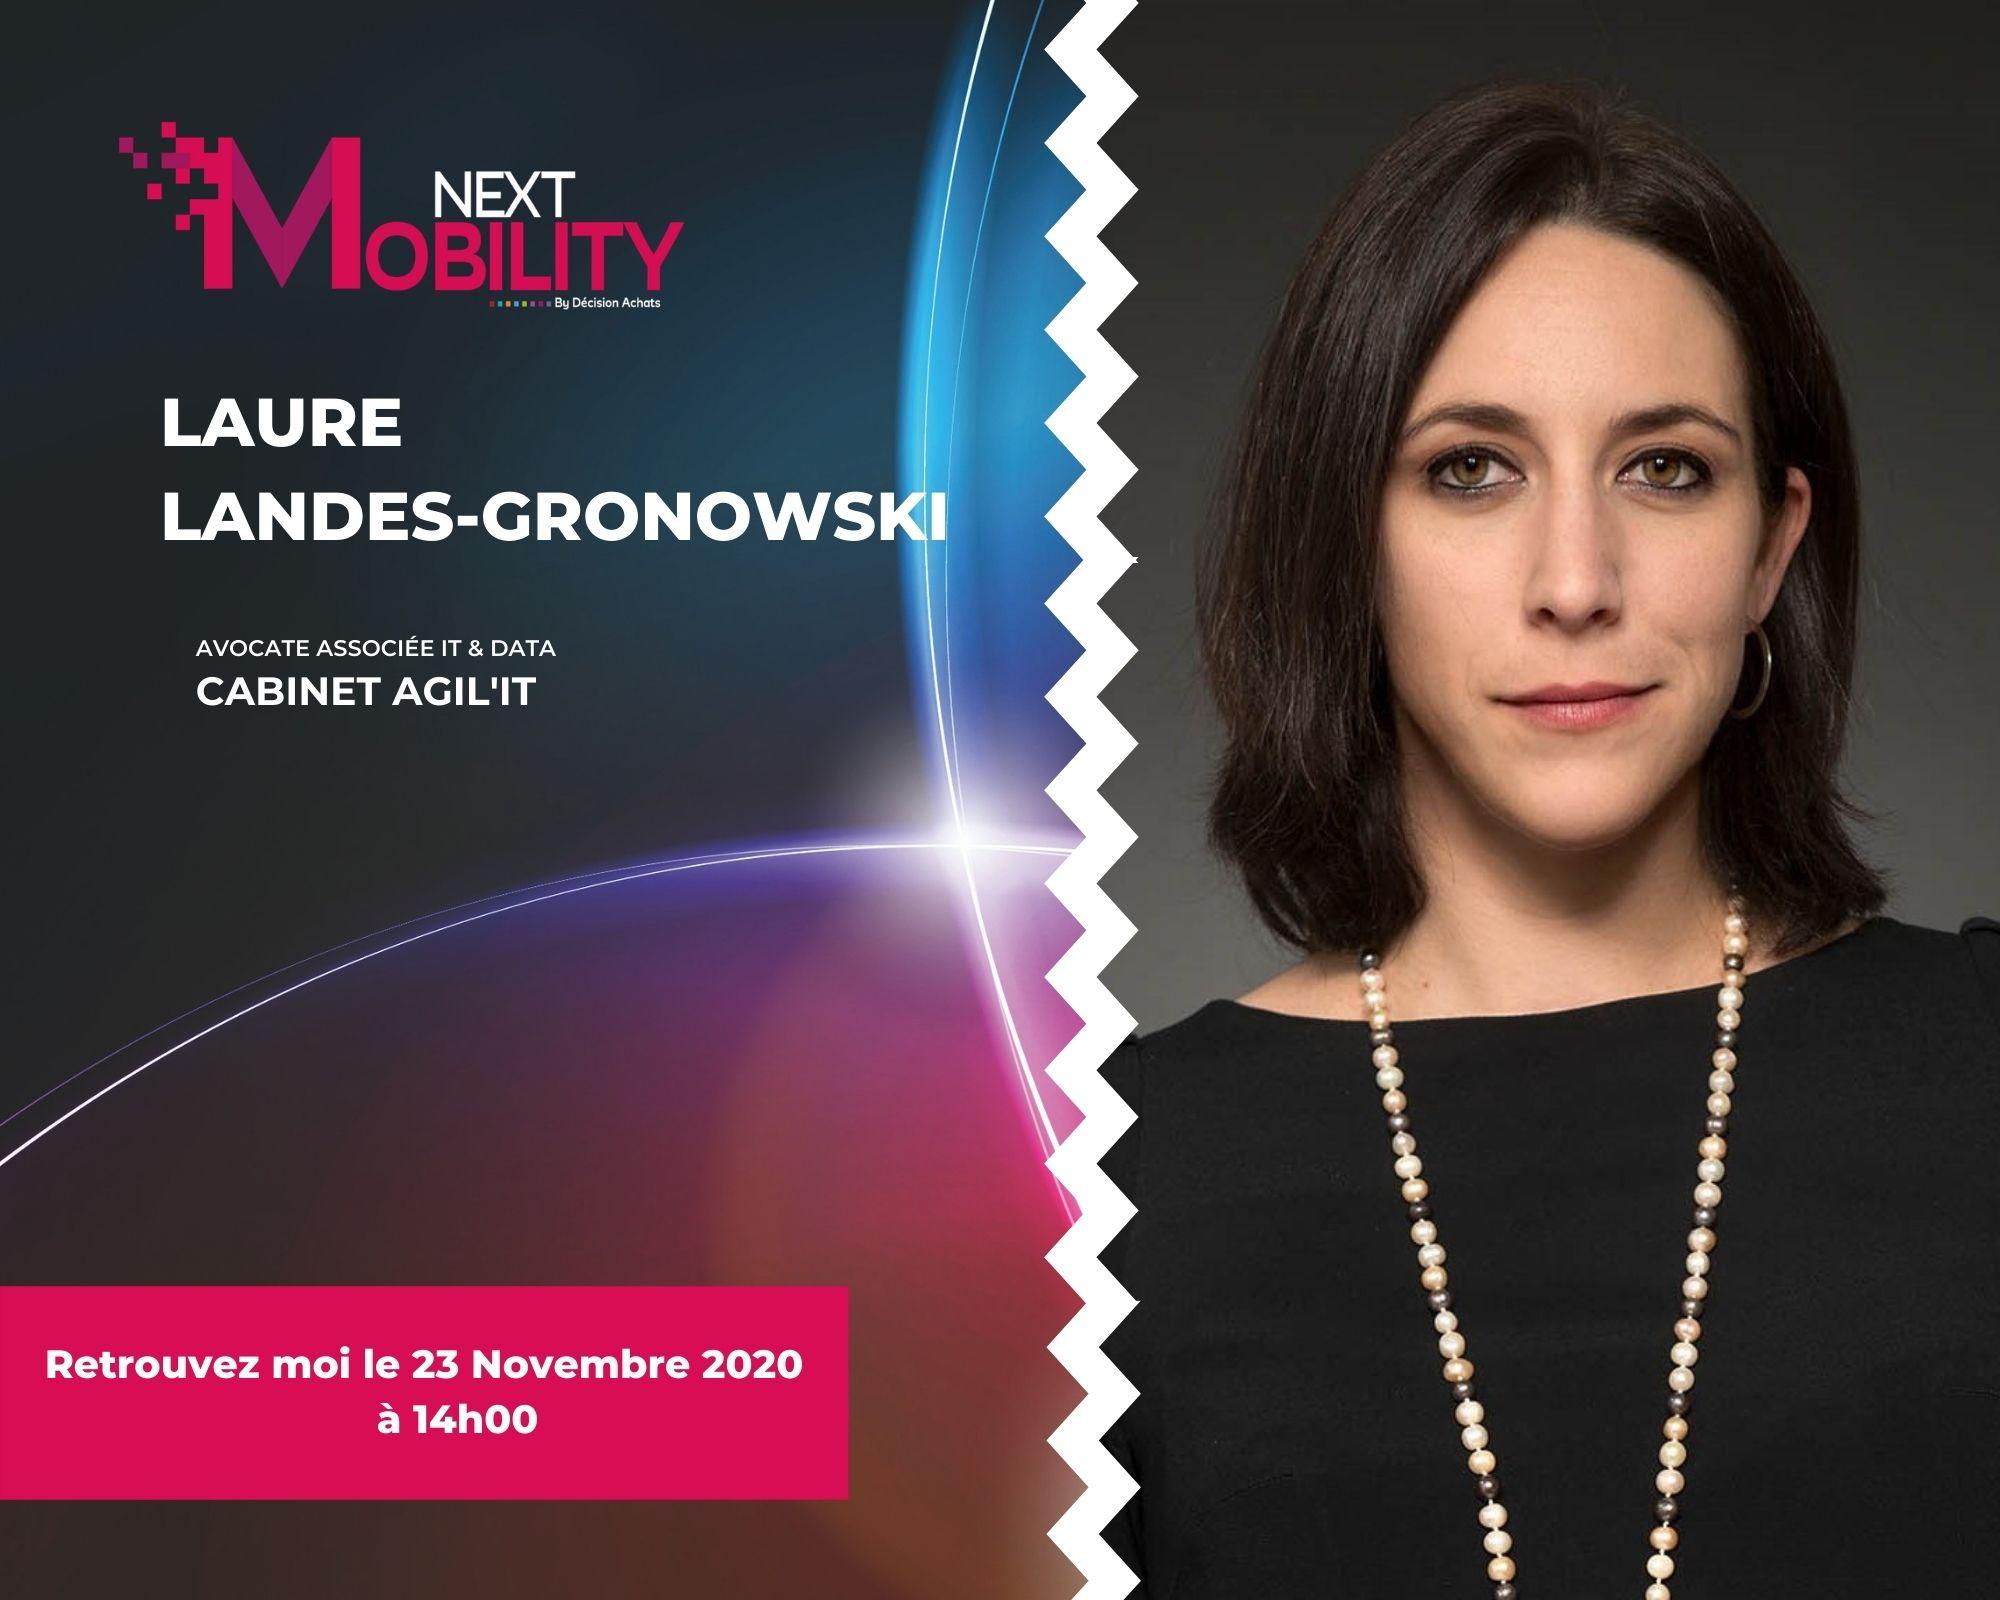 Laure Landes Gronowski